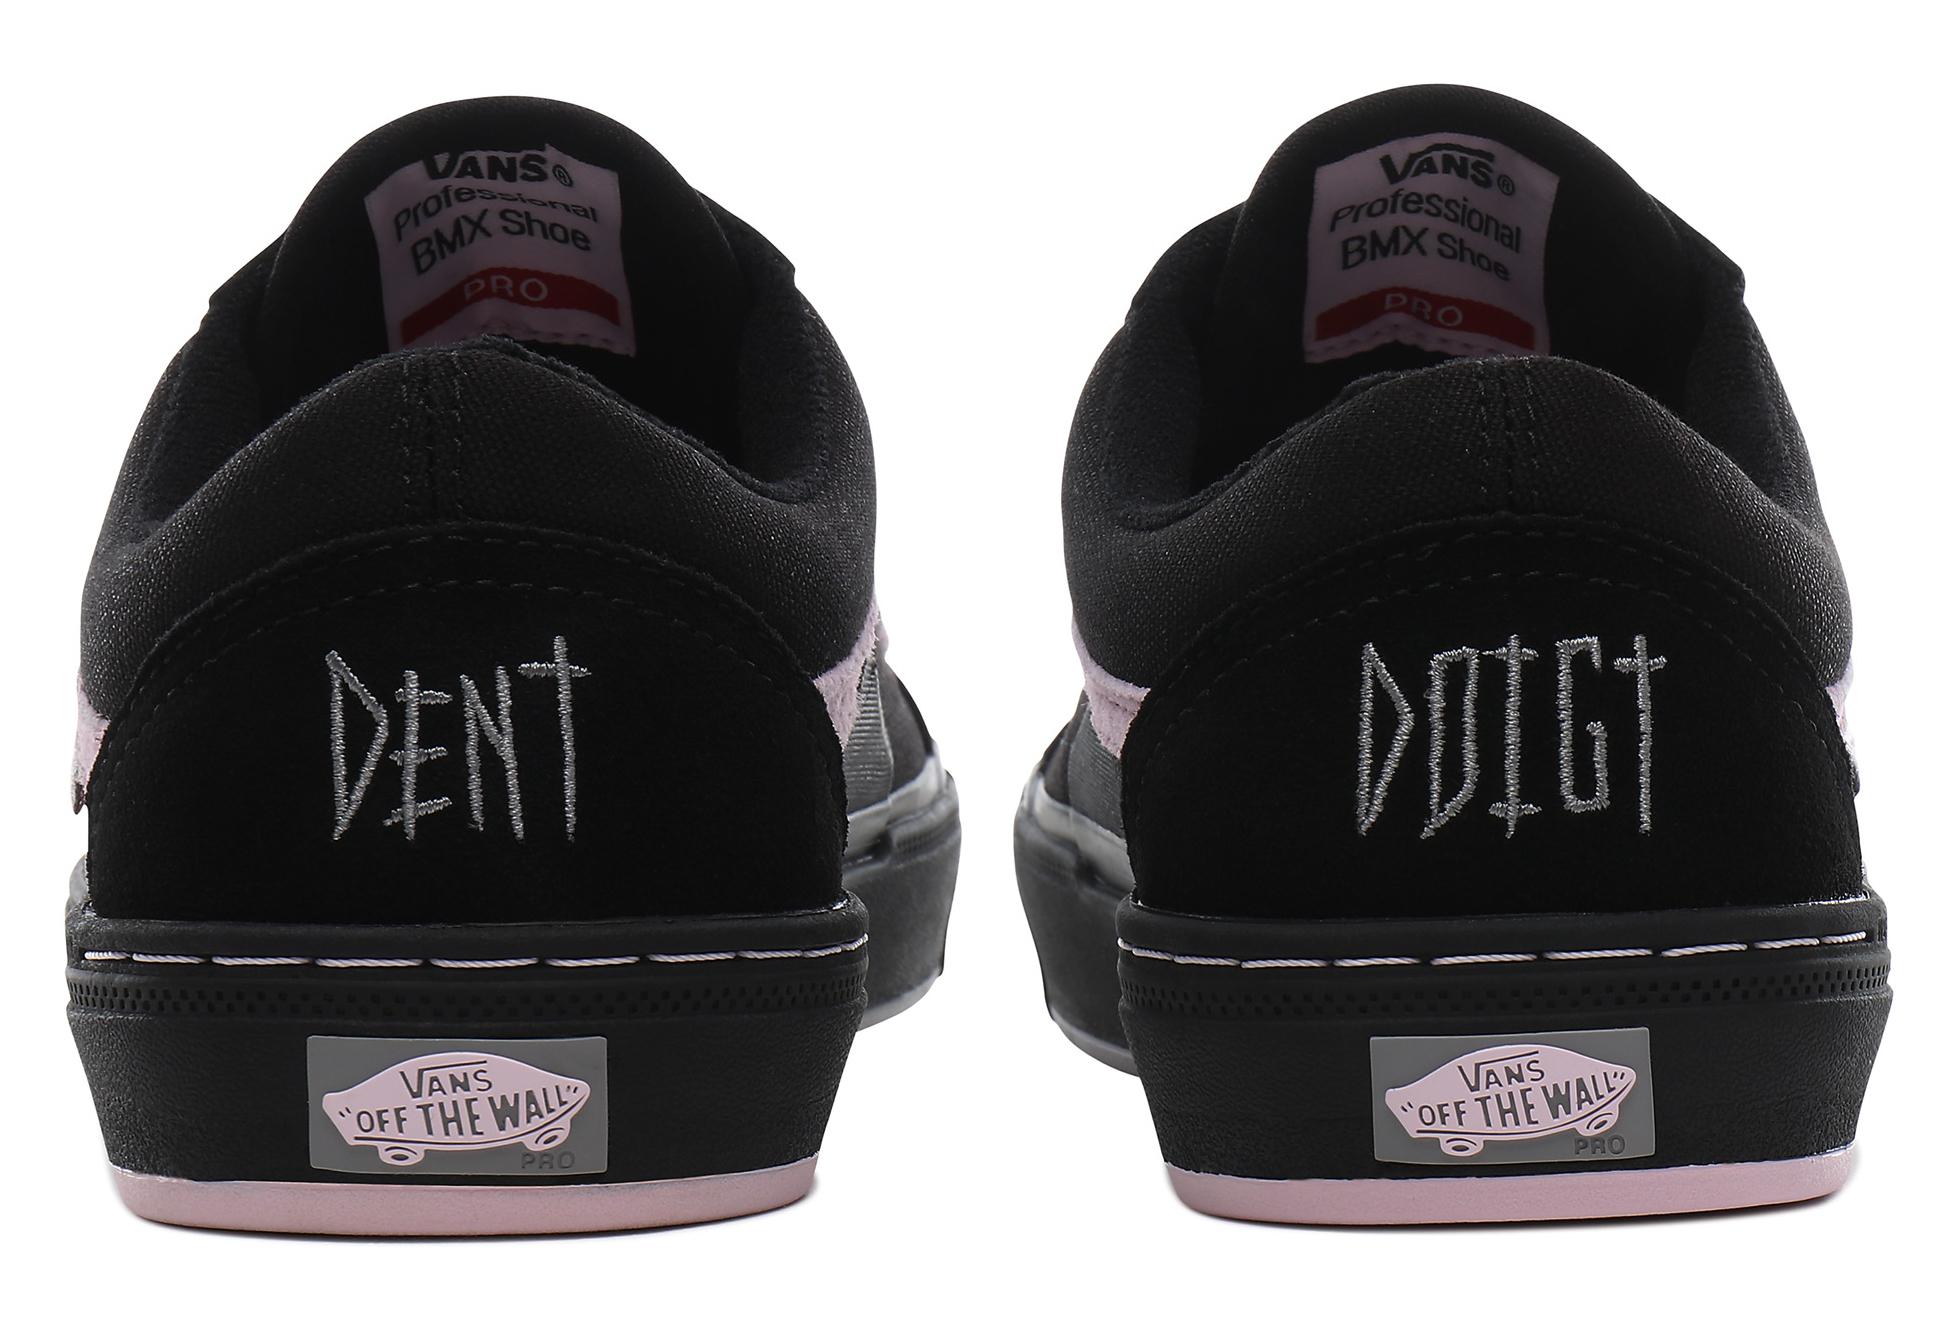 Chaussures VANS Old Skool Pro Matthias Dandois | LES TROIS